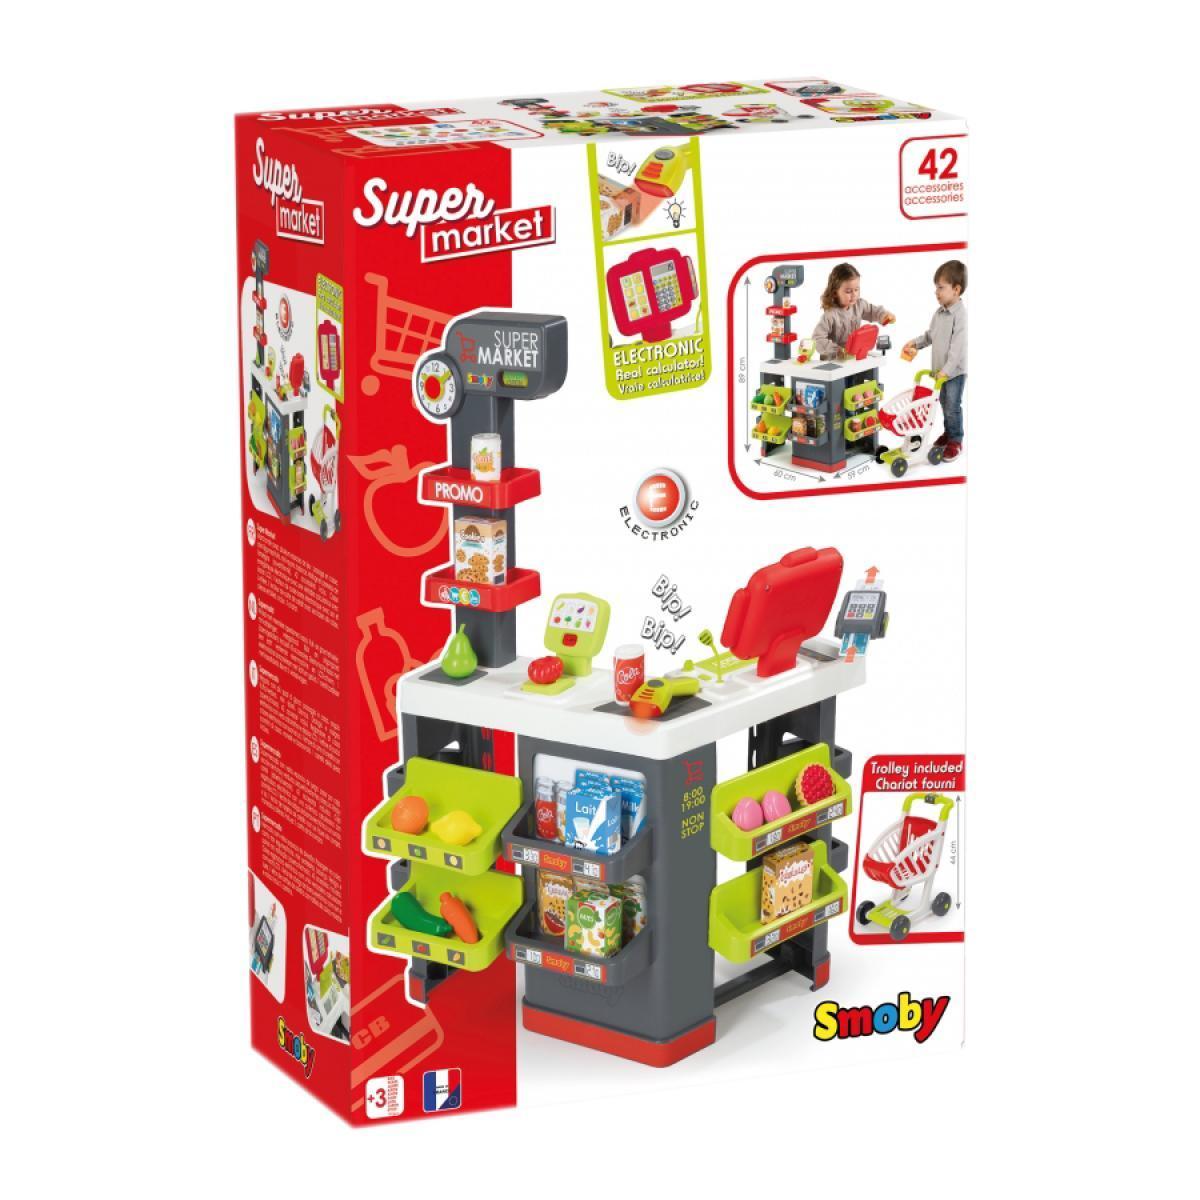 Интерактивный супермаркет Smoby Toys City Market со звуковыми эффектами, тележкой и аксессуарами